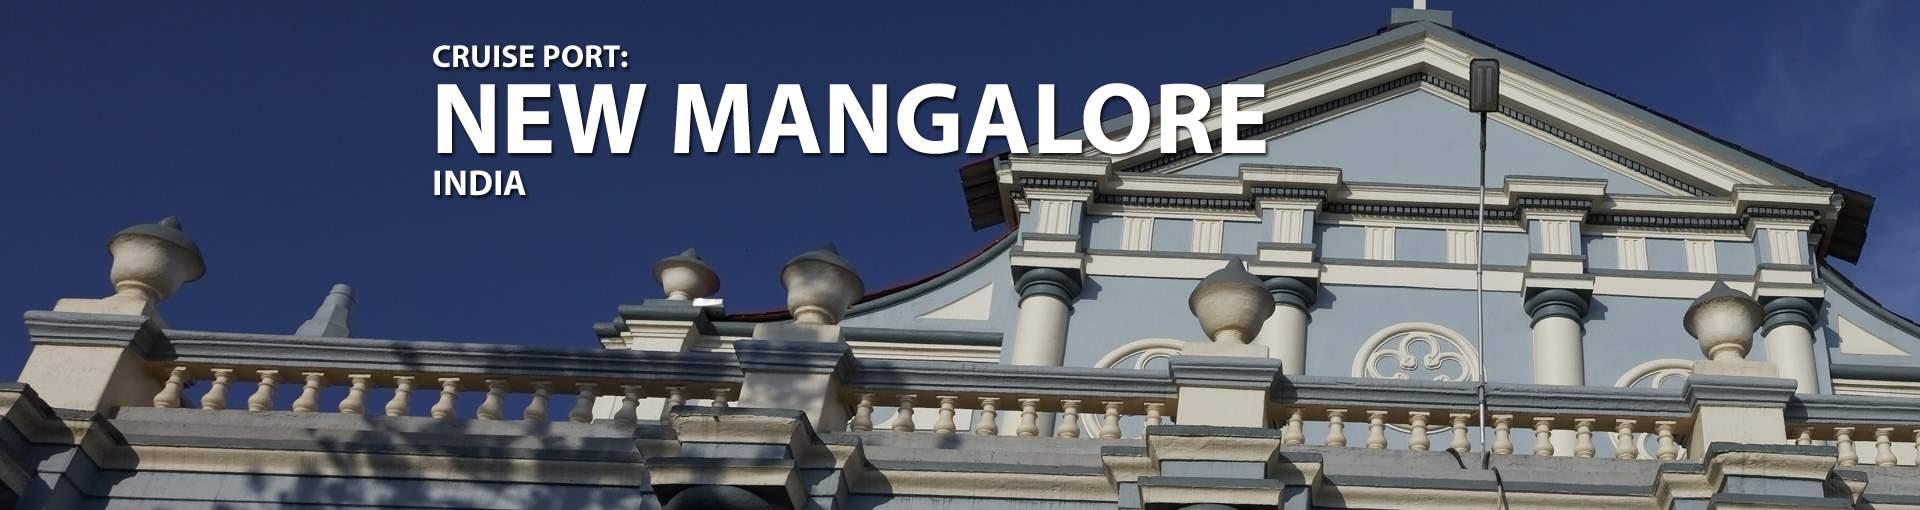 Cruise Port: New Mangalore, India